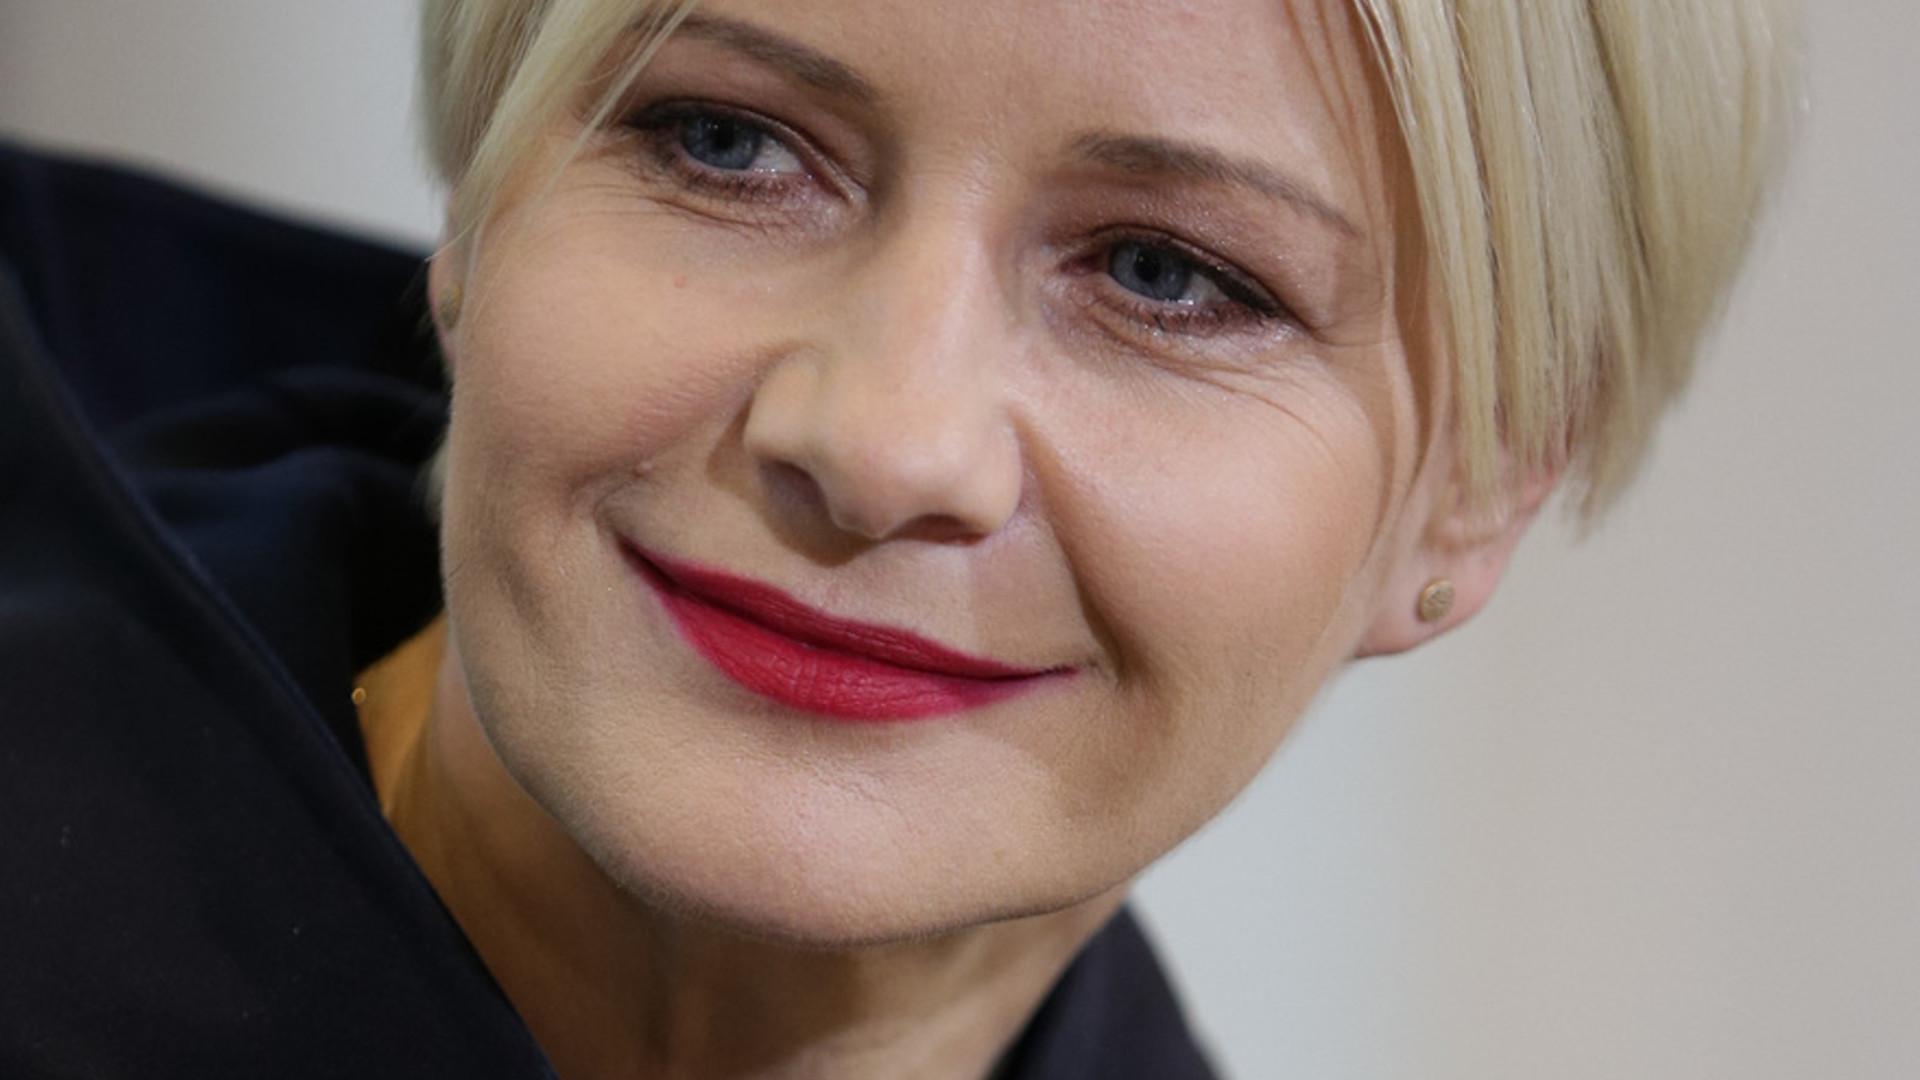 Małgorzata Kożuchowska ZAPUSZCZA włosy? (ZDJĘCIA)